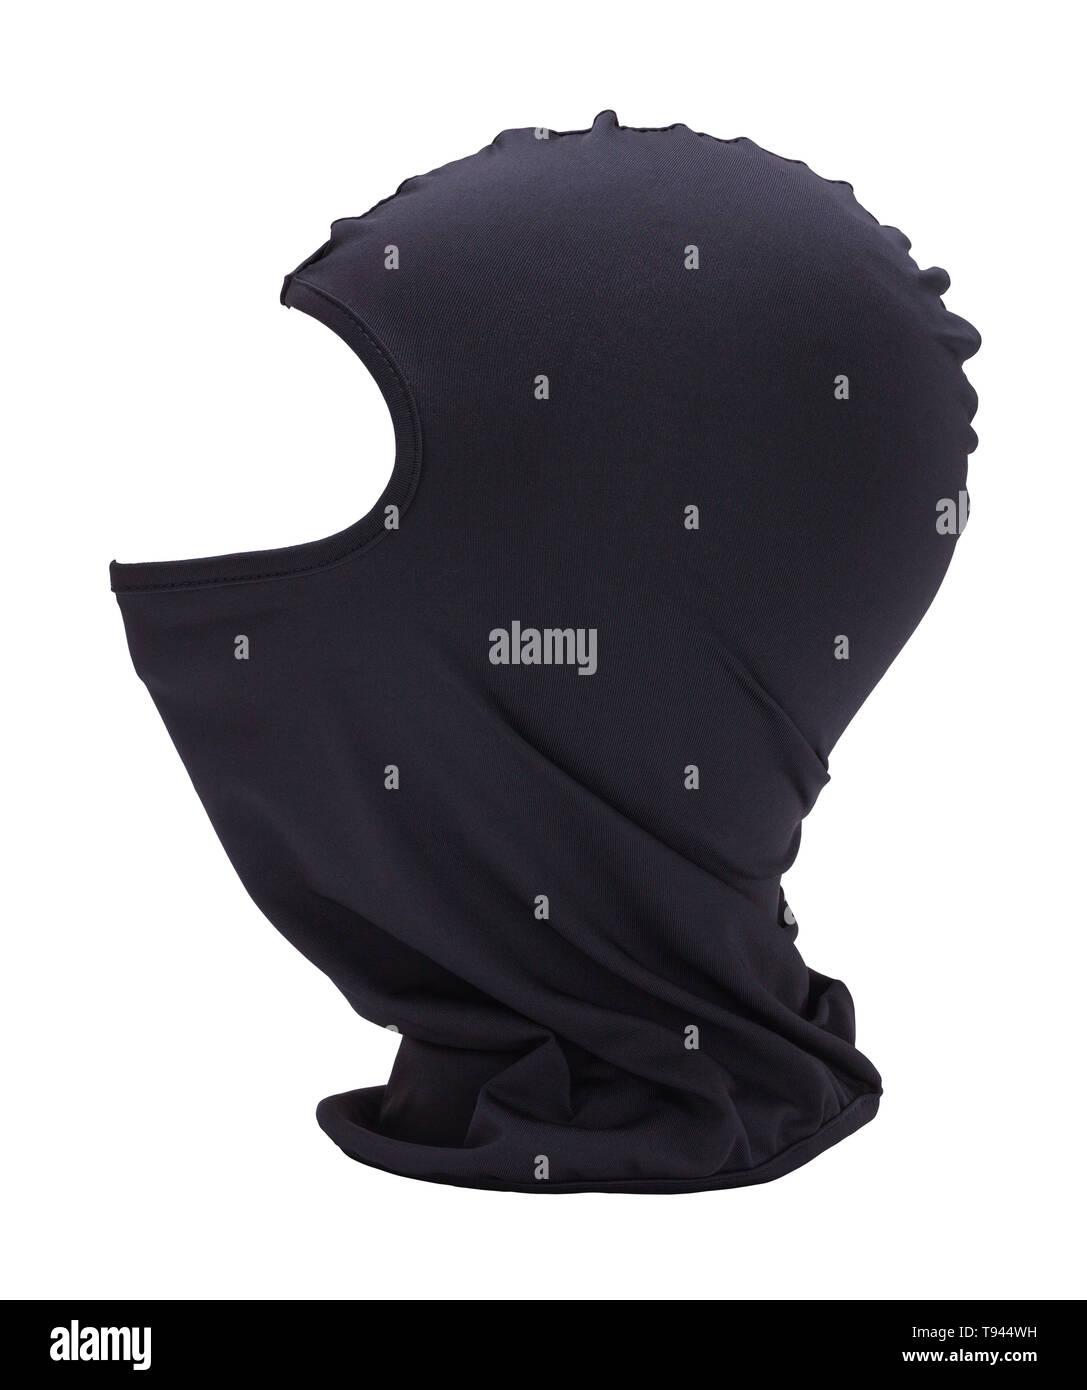 Black Fabric Ninja Mask Isolated on White Background. Stock Photo